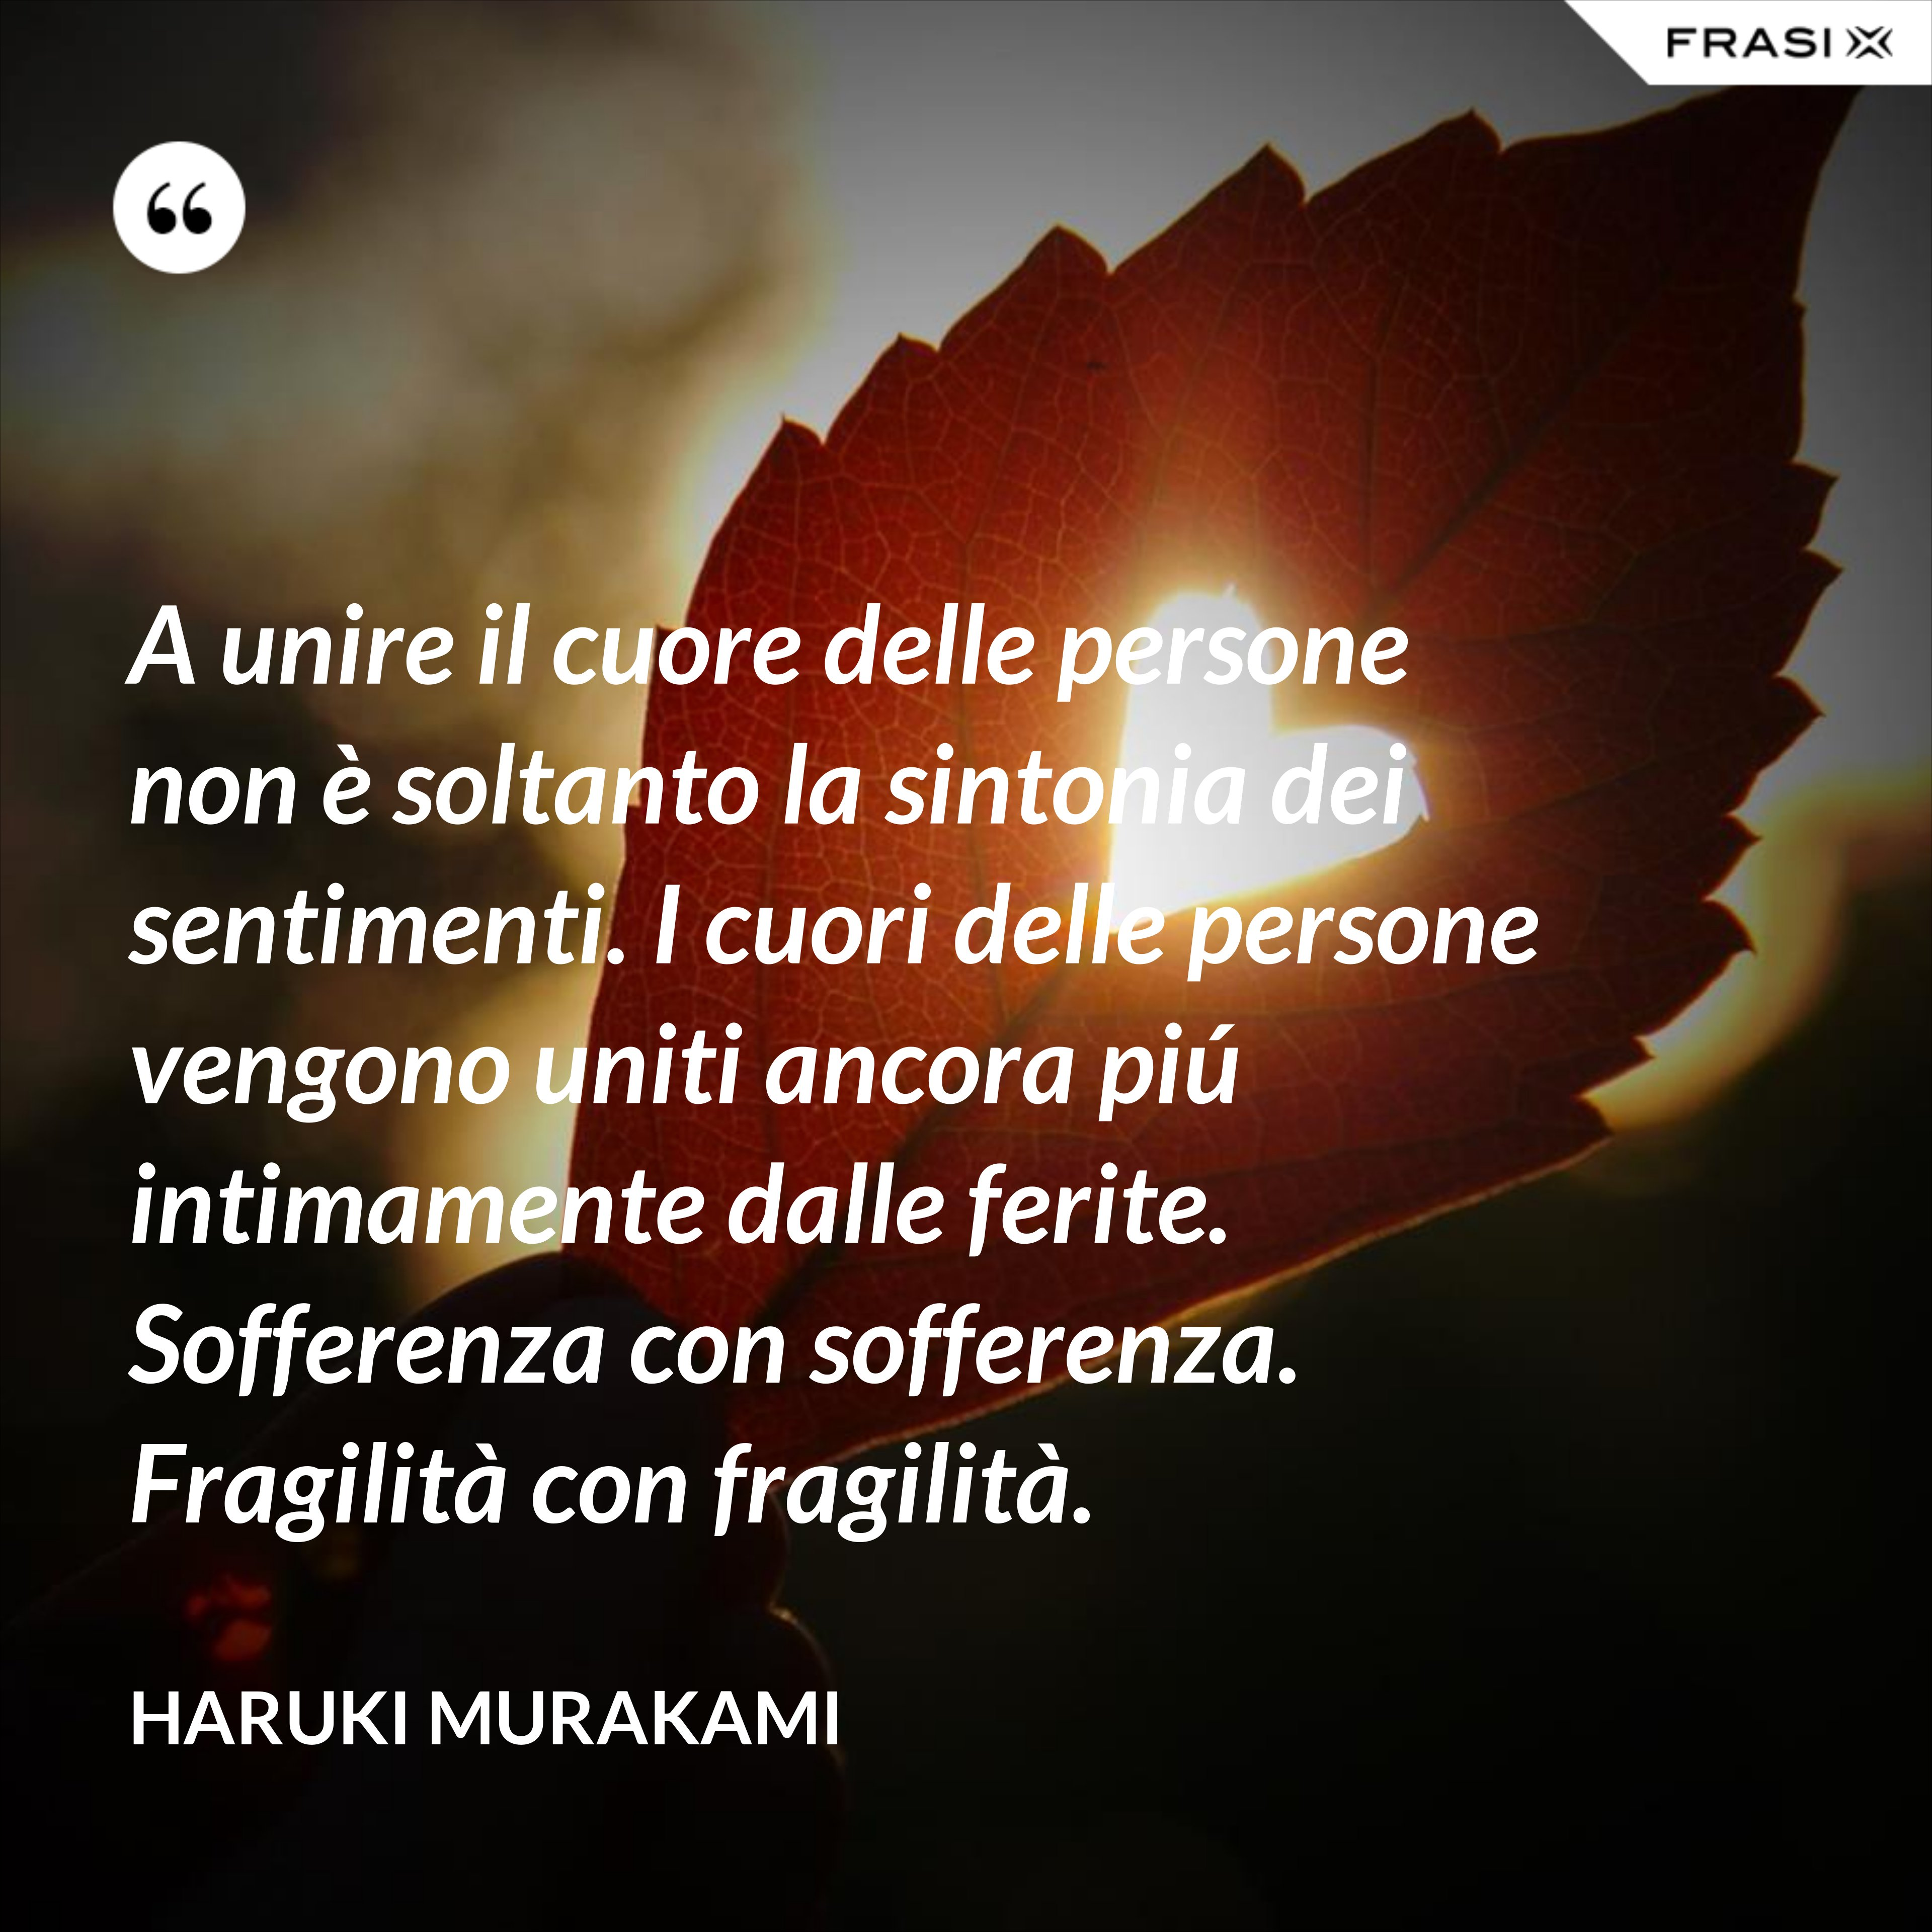 A unire il cuore delle persone non è soltanto la sintonia dei sentimenti. I cuori delle persone vengono uniti ancora piú intimamente dalle ferite. Sofferenza con sofferenza. Fragilità con fragilità. - Haruki Murakami